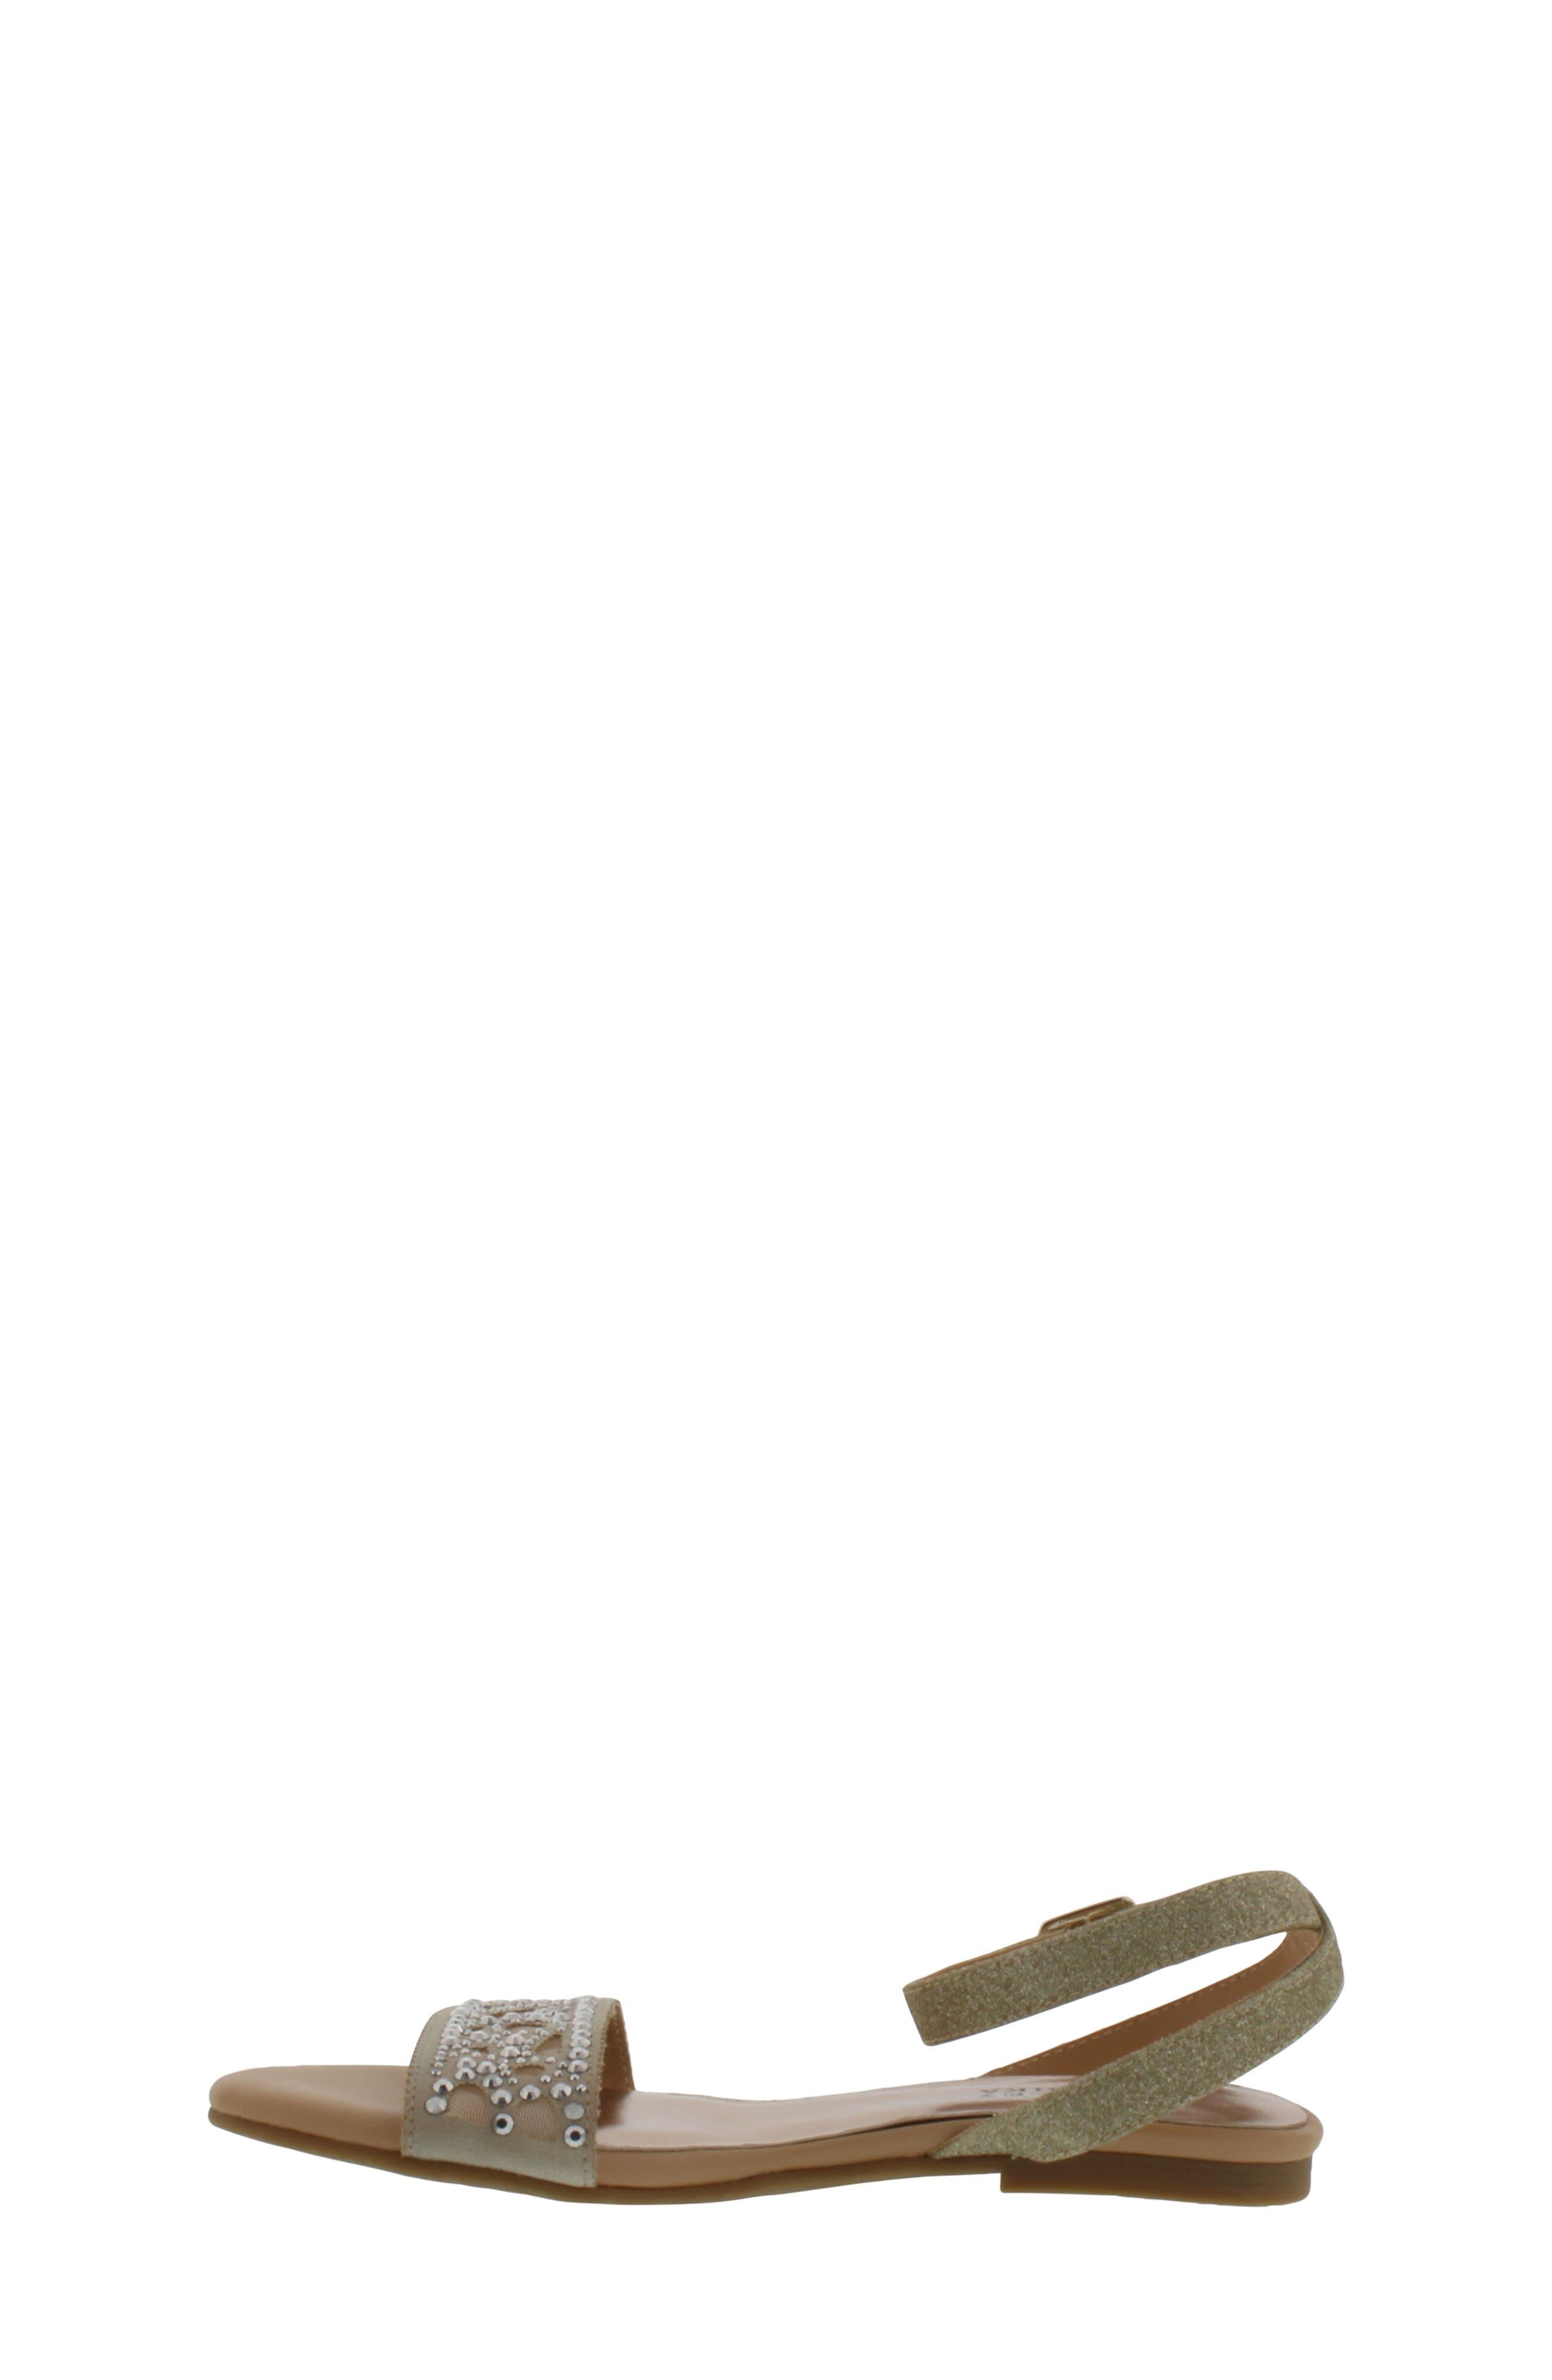 Cara Embellished Sandal,                             Alternate thumbnail 3, color,                             710